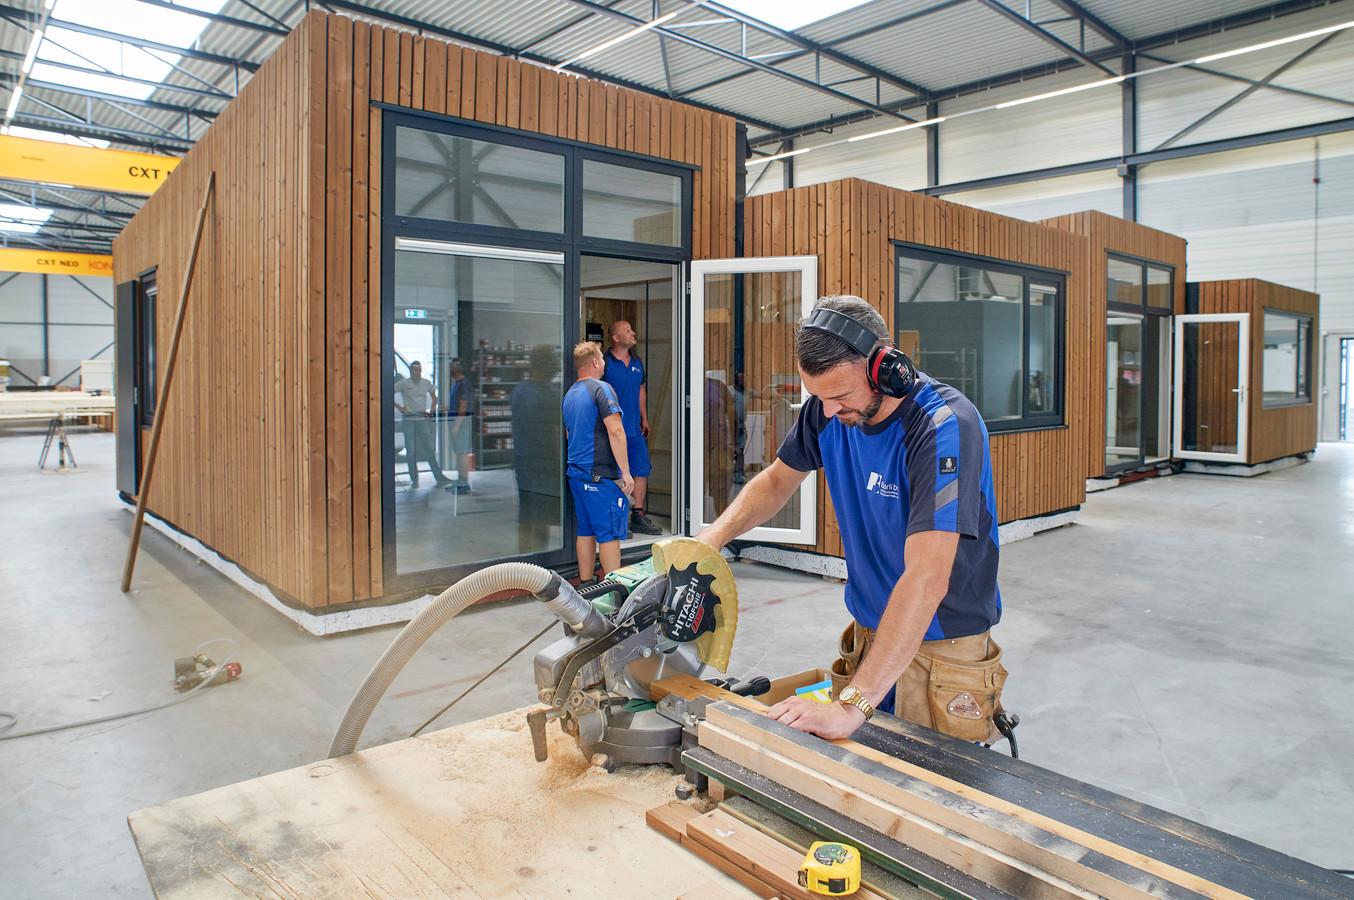 De productie van vakantiehuisjes is bij Barli in Uden in volle gang.